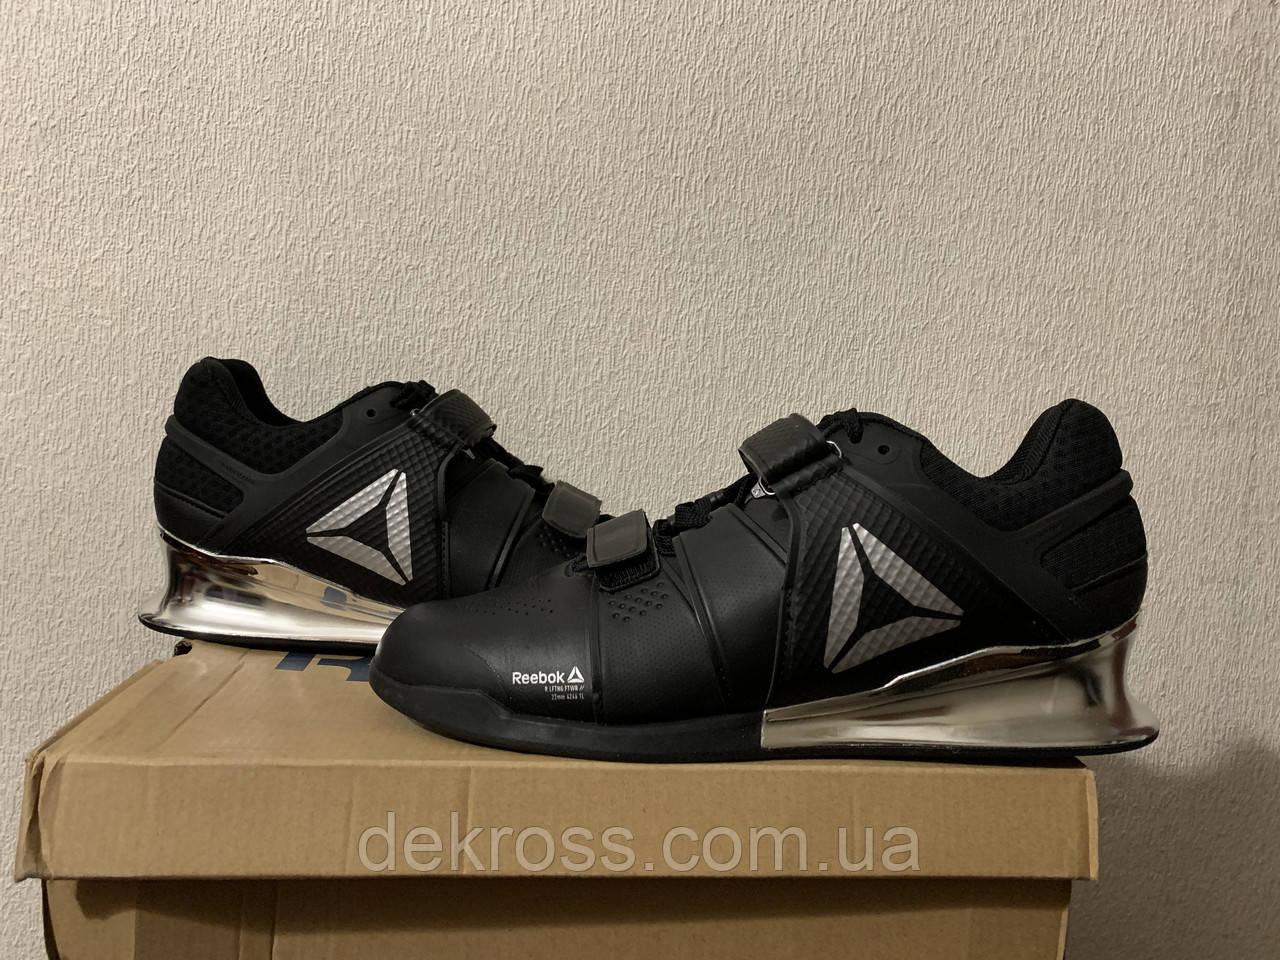 Кросівки лифтерки Reebok OG Lifter (44) Оригінал CN1006